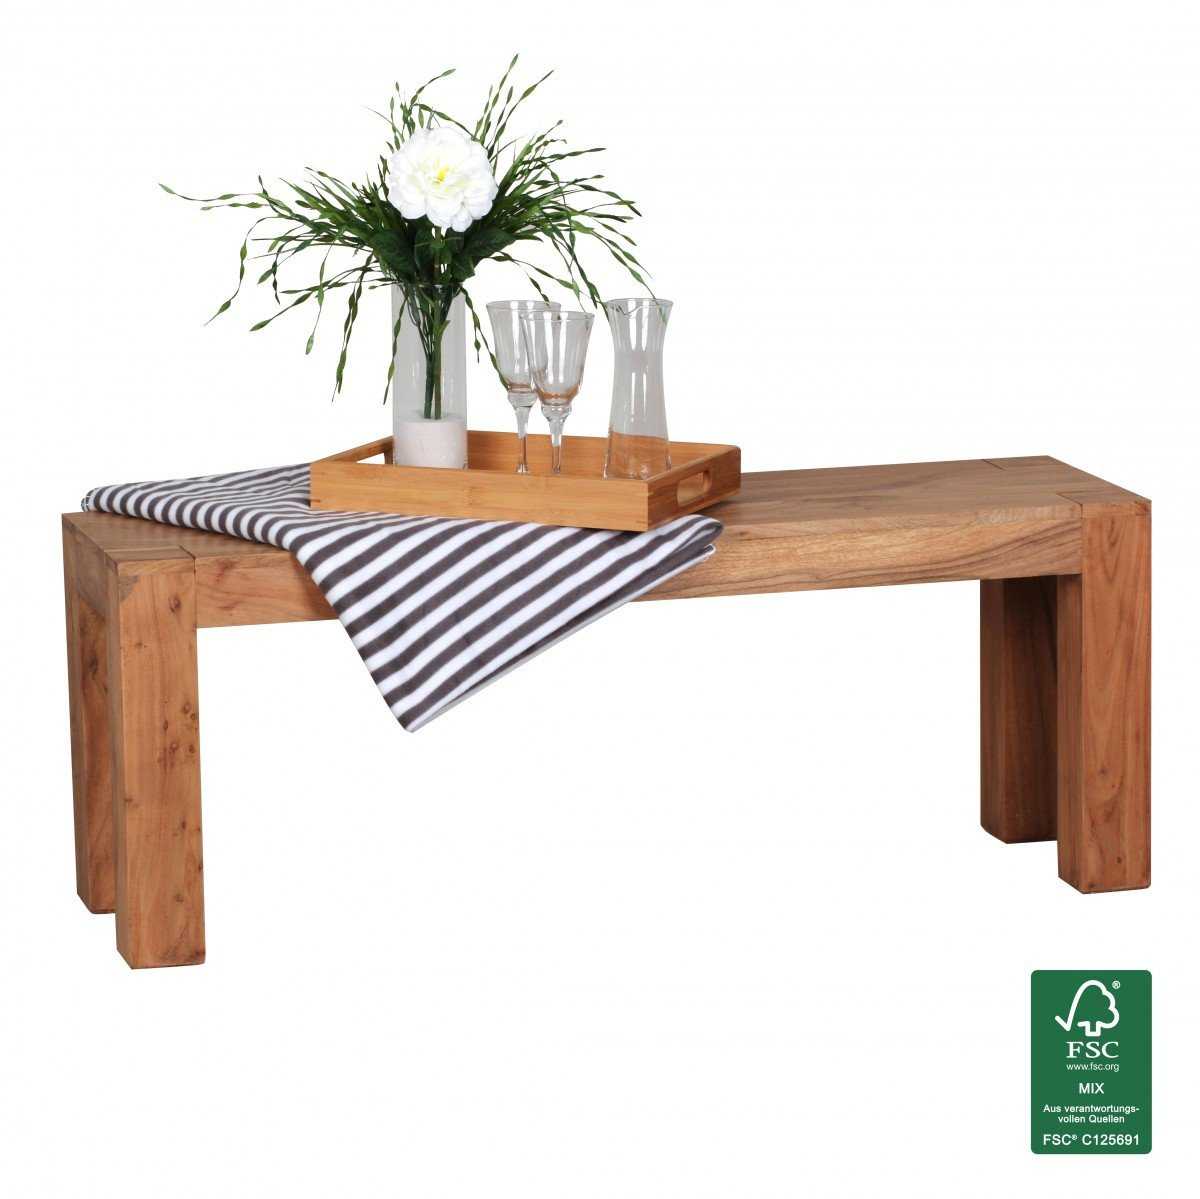 FineBuy Esszimmer Sitzbank Massiv Holz Akazie 120 X 45 X 35 Cm Design  Holz Bank Natur Produkt Küchenbank Landhaus Stil Dunkel Braun Bank 3 Sitzer  Für Innen ...